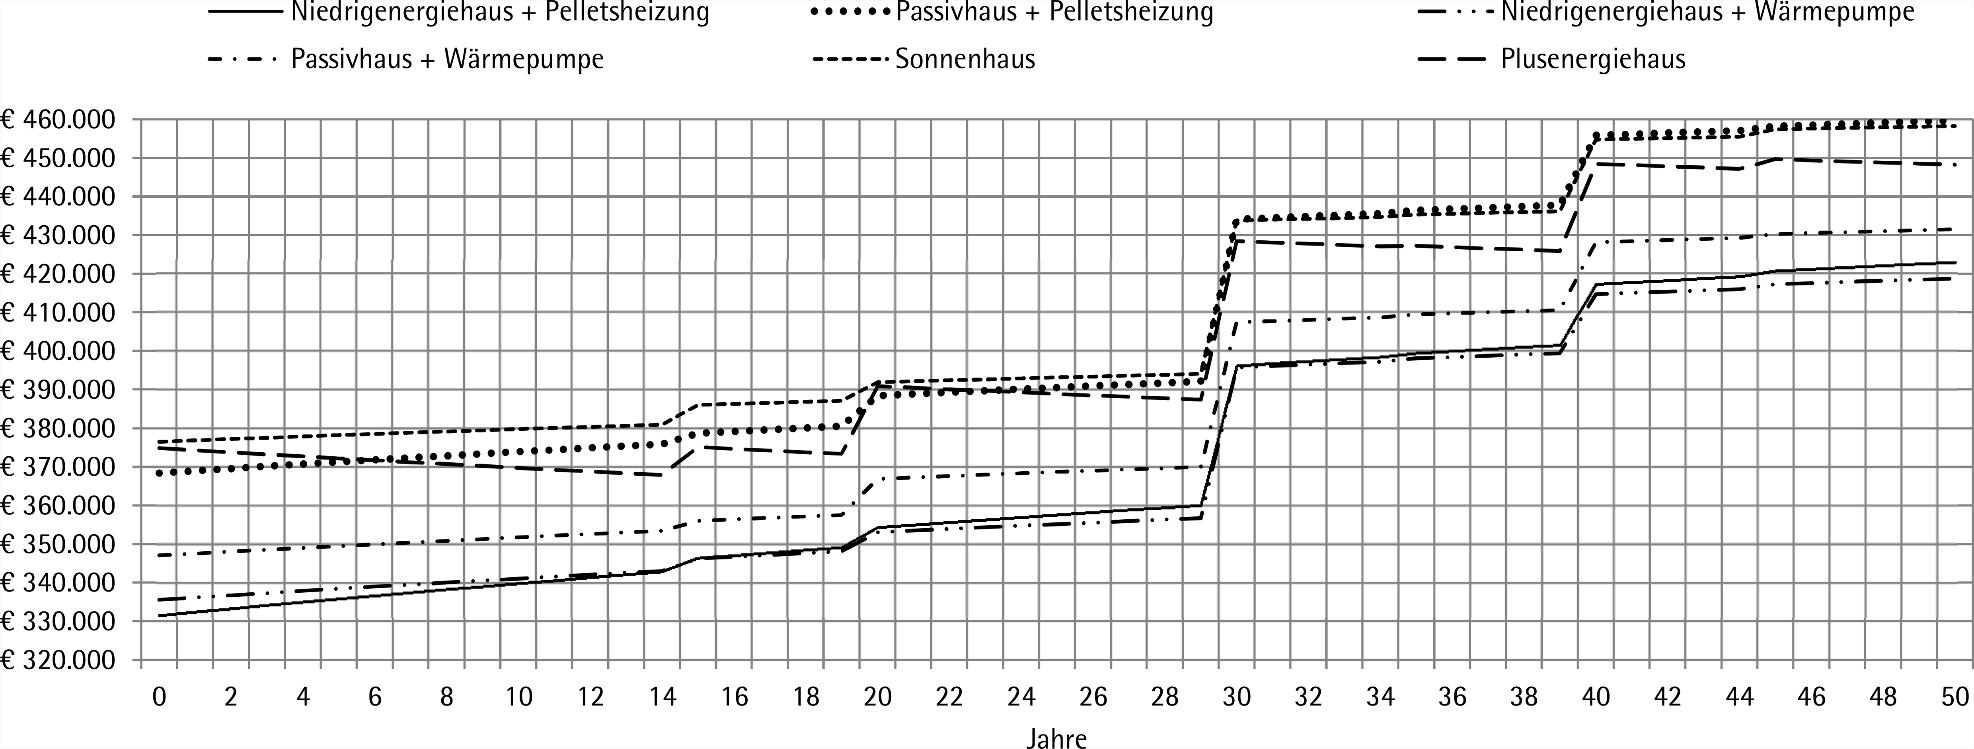 Entwicklung der Lebenszykluskosten in Abhängigkeit vom Energiestandard